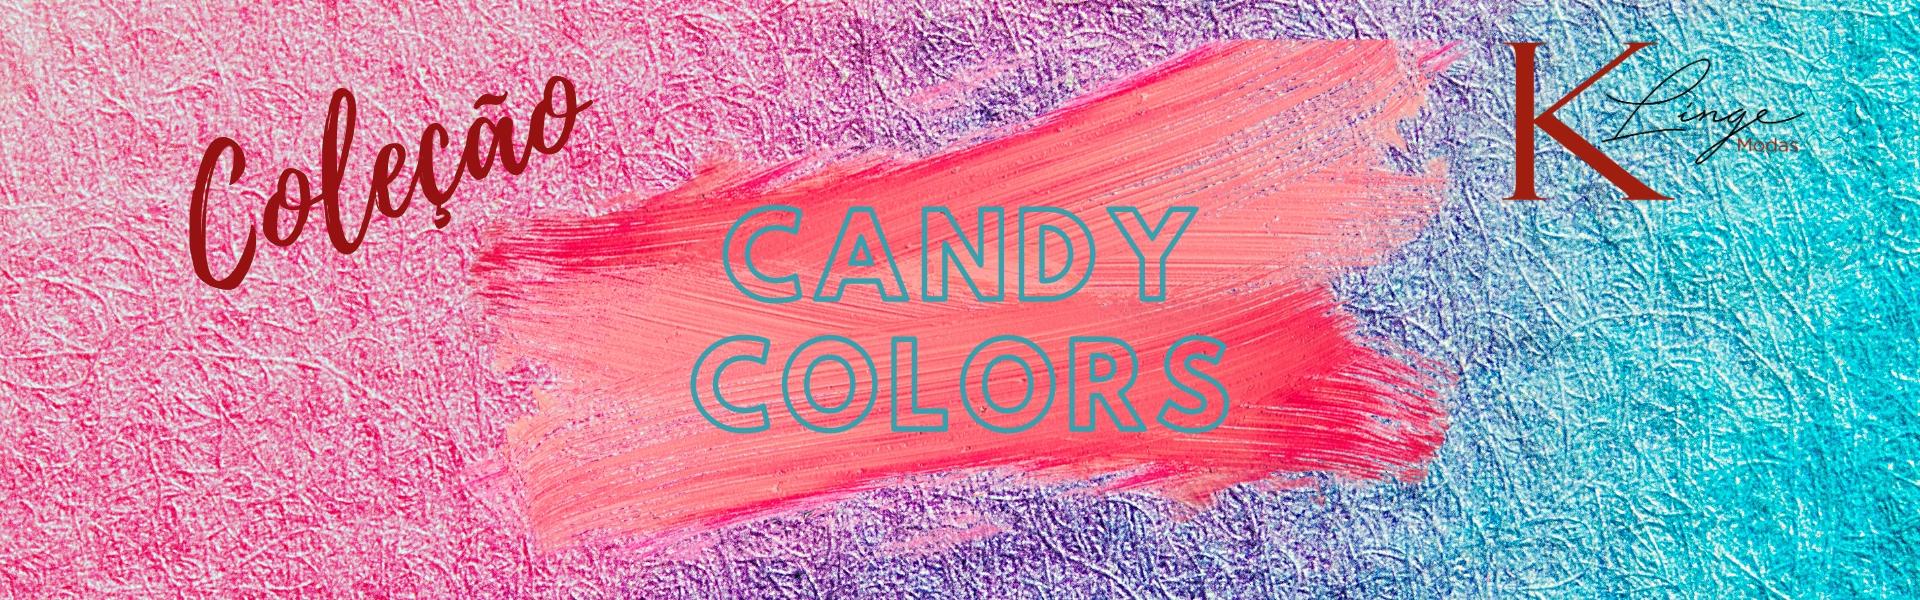 Coleção Candy Colors